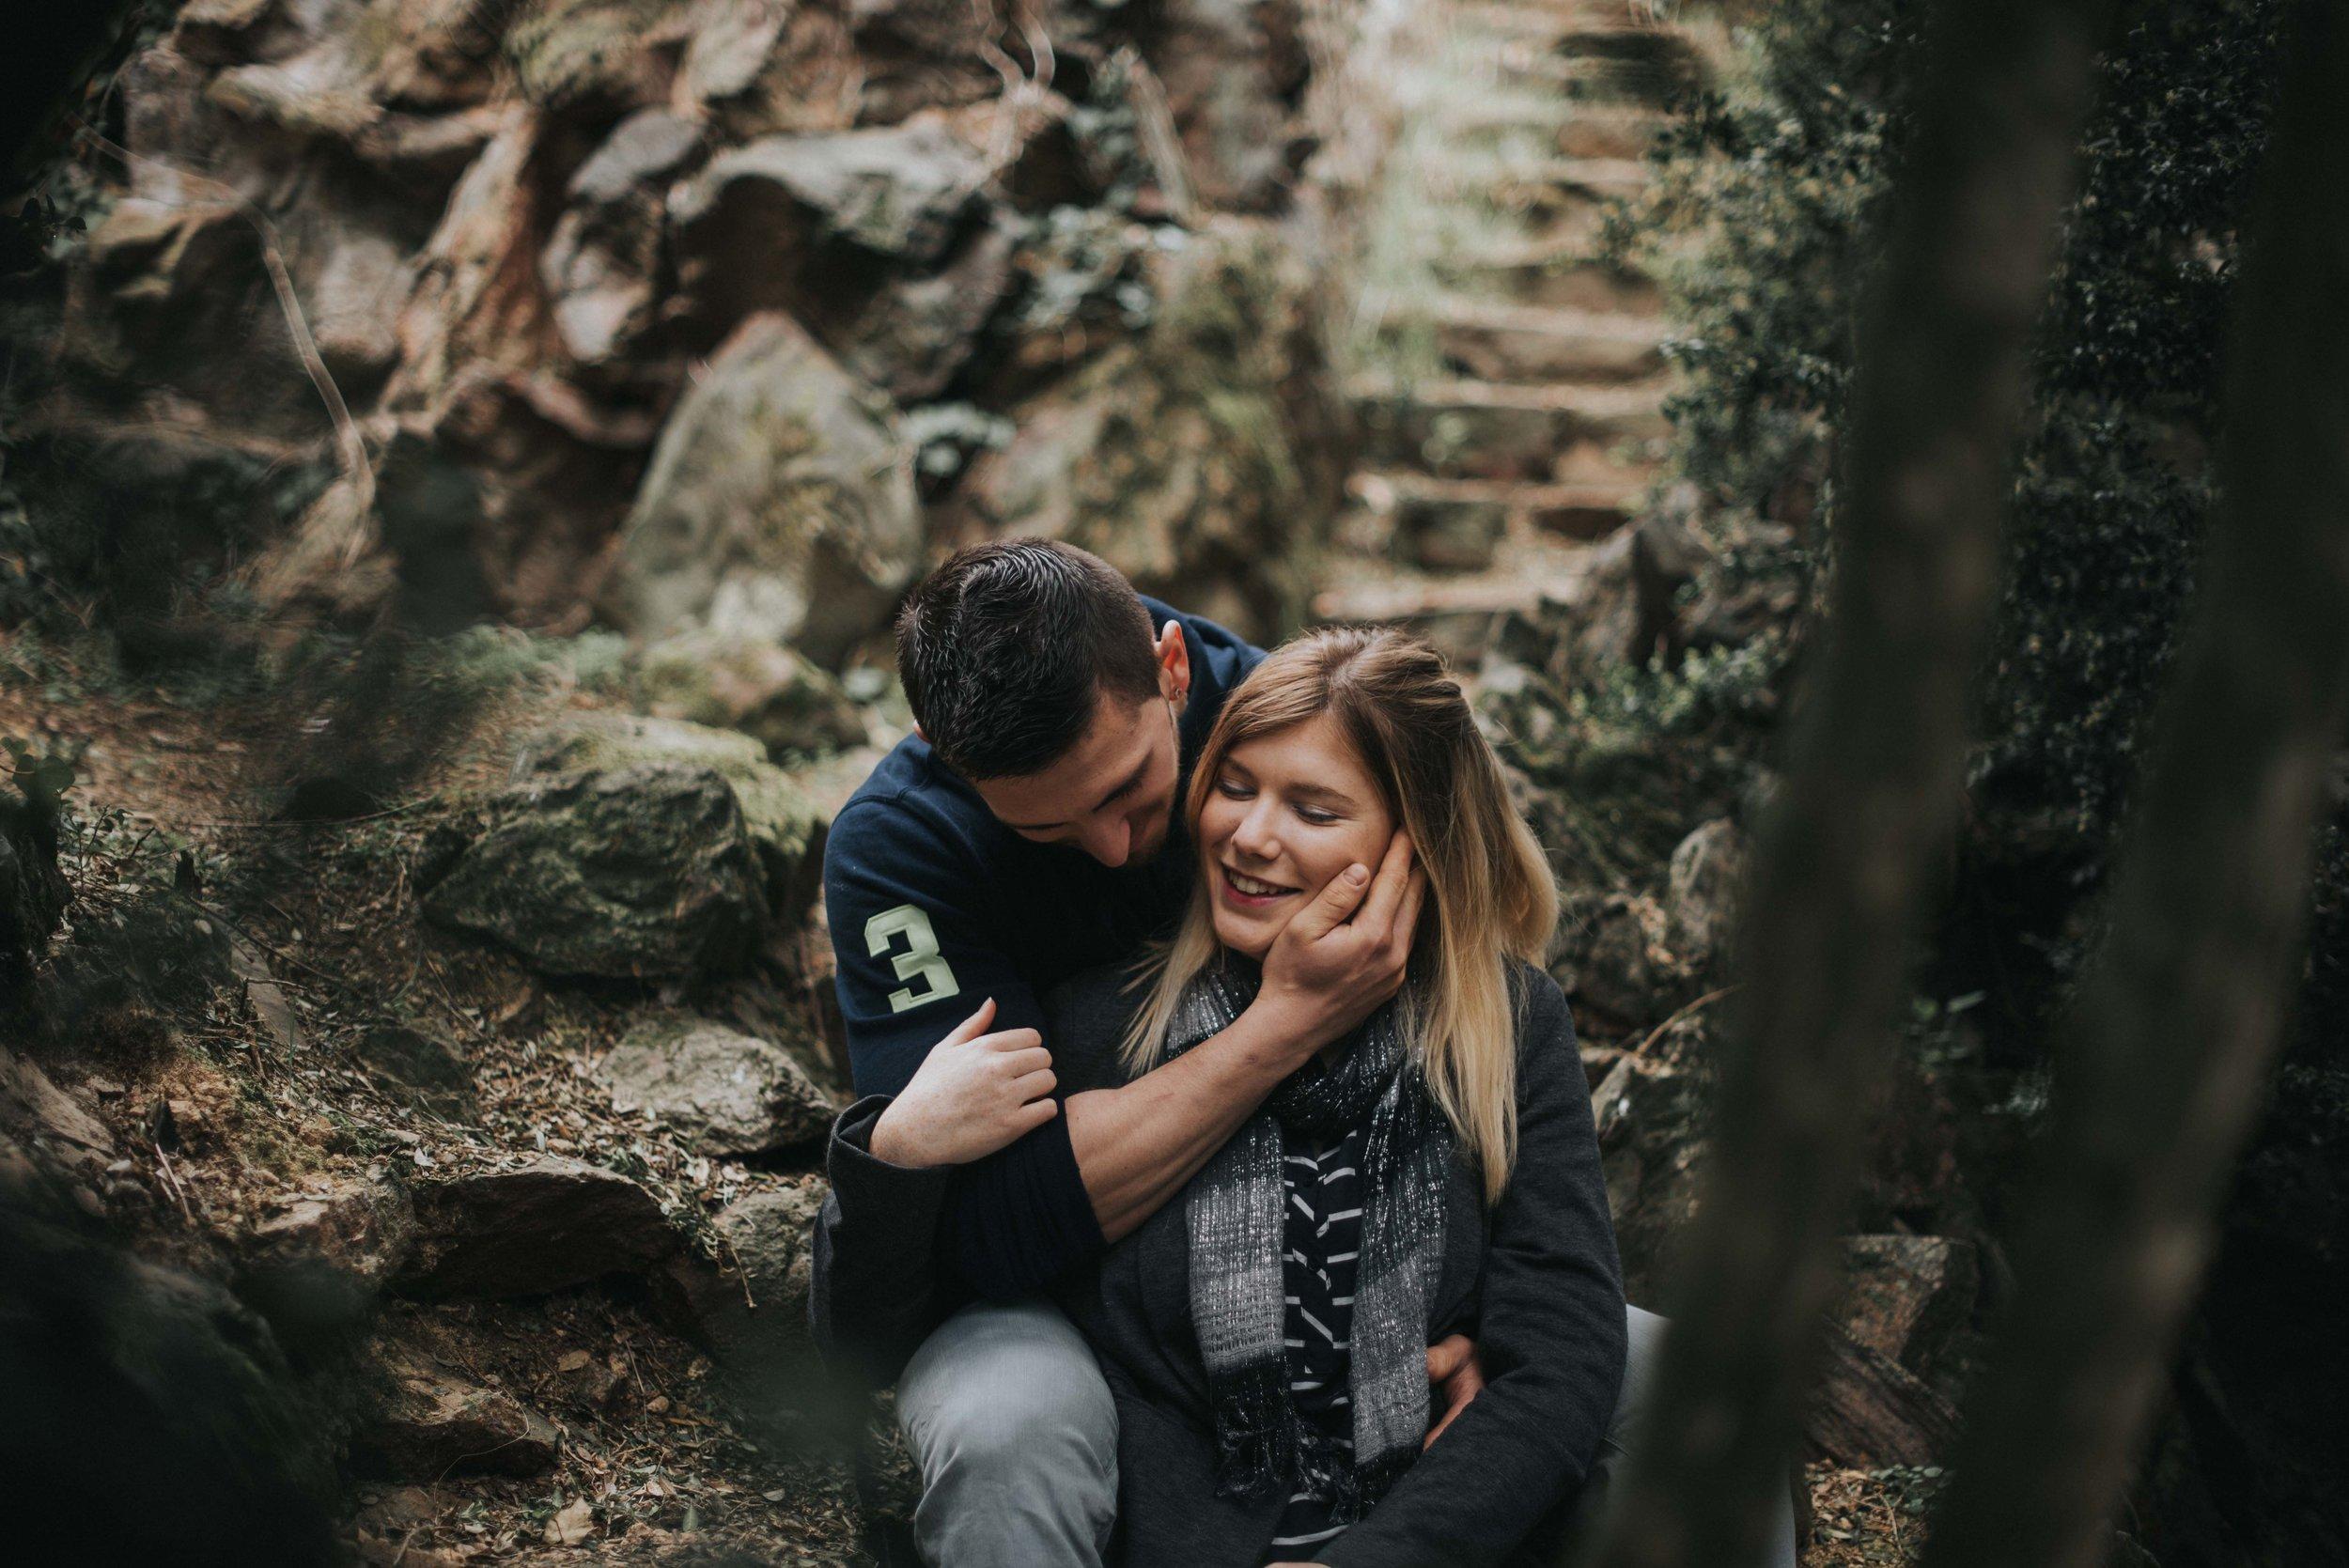 Léa-Fery-photographe-professionnel-lyon-rhone-alpes-portrait-creation-mariage-evenement-evenementiel-famille-4065.jpg